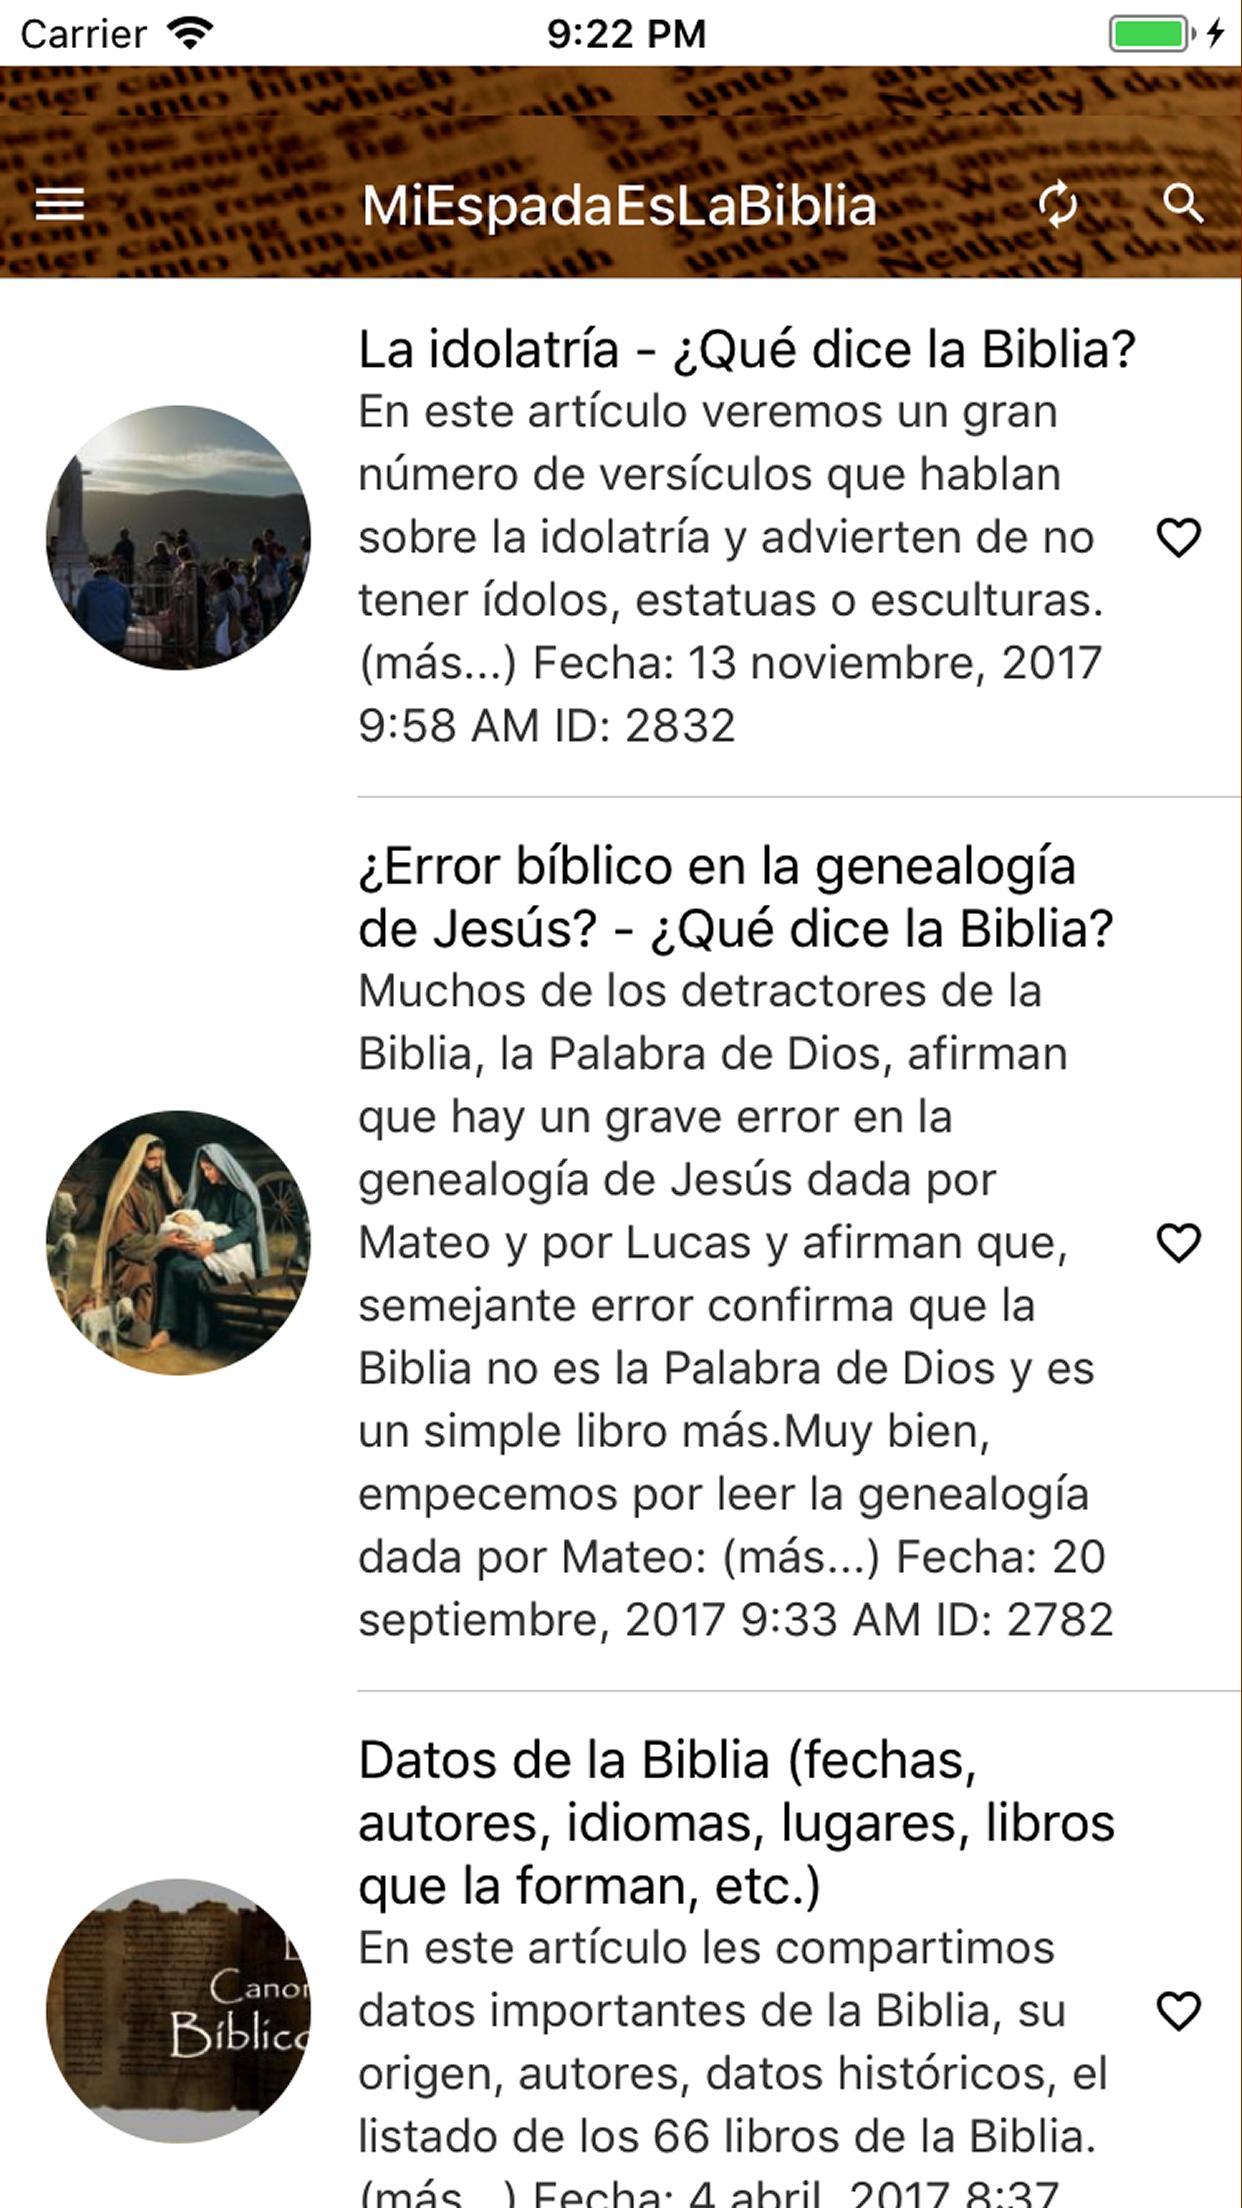 Tatuajues y Piercings? – ¿Qué dice la Biblia? » Mi Espada Es La Biblia